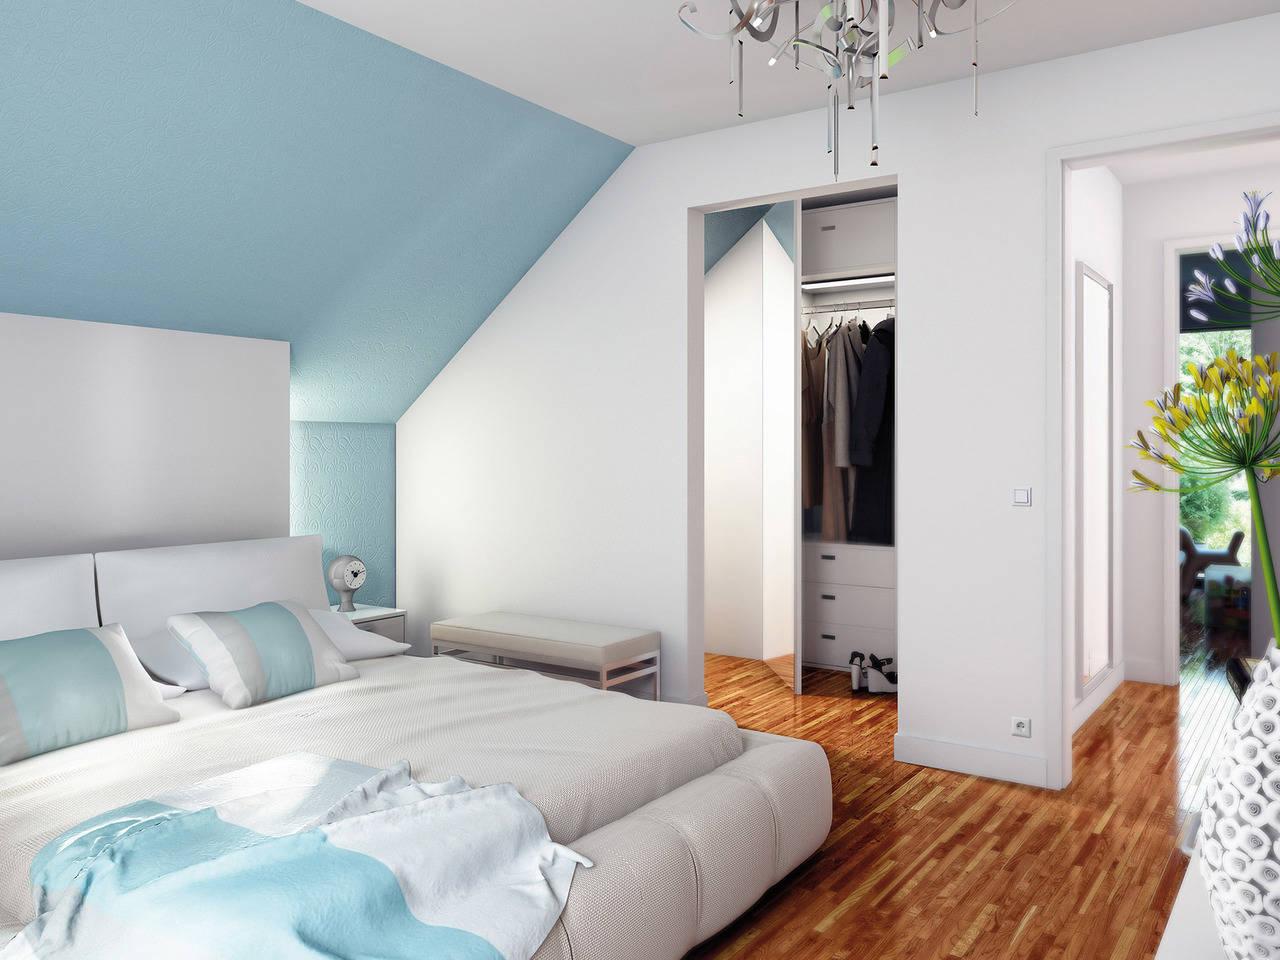 Haus SOLUTION 124 V9 Schlafzimmer von Living Haus